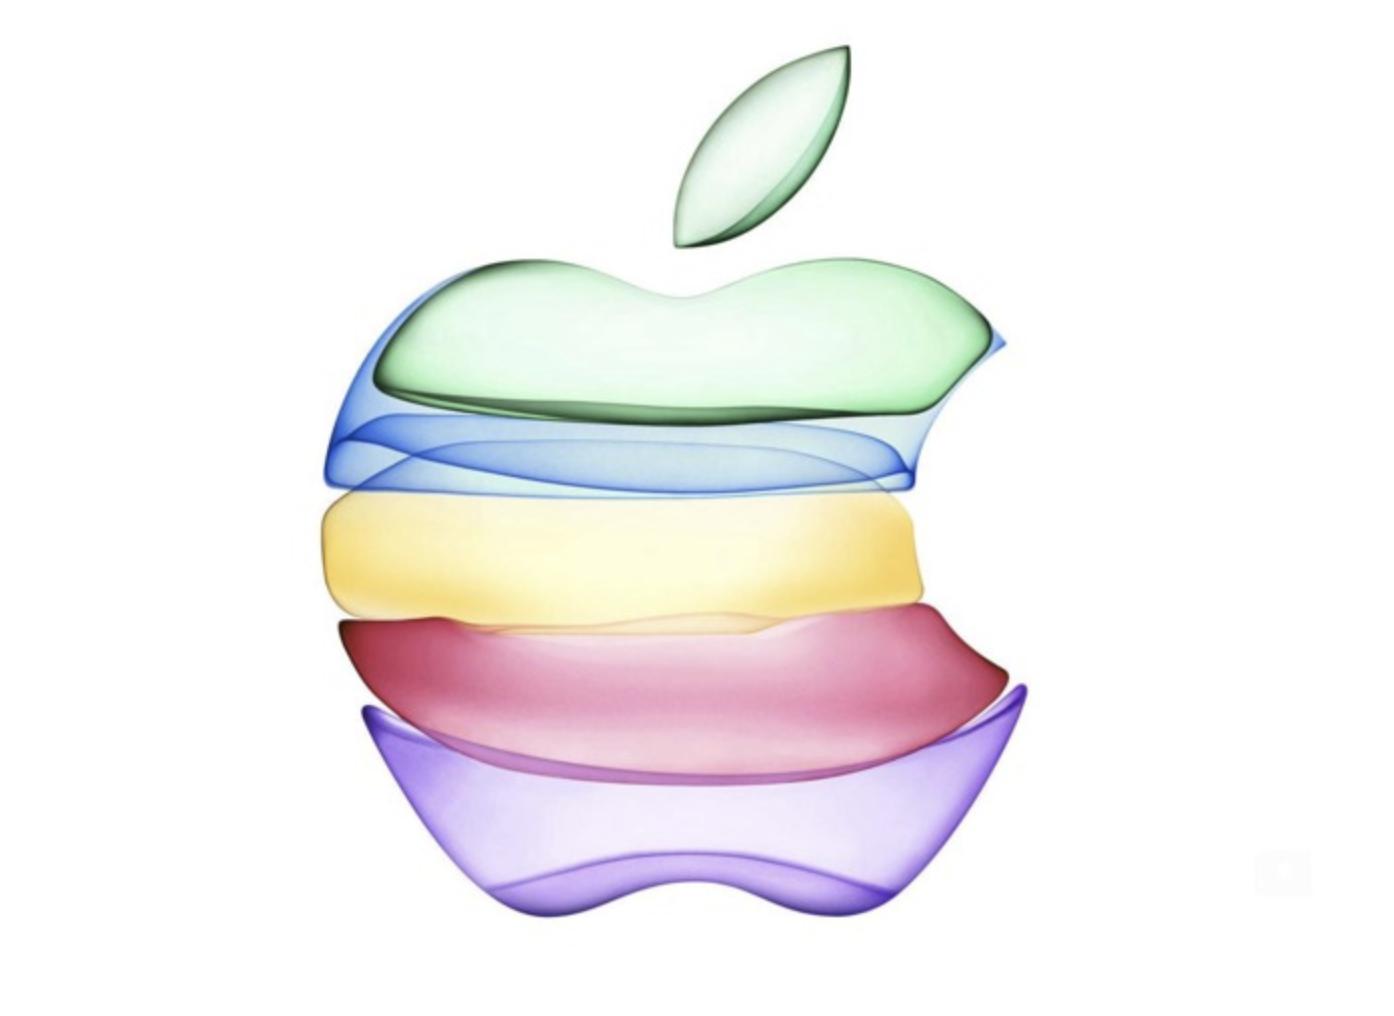 Apple 'Hanya dengan inovasi' acara khusus iPhone baru diumumkan